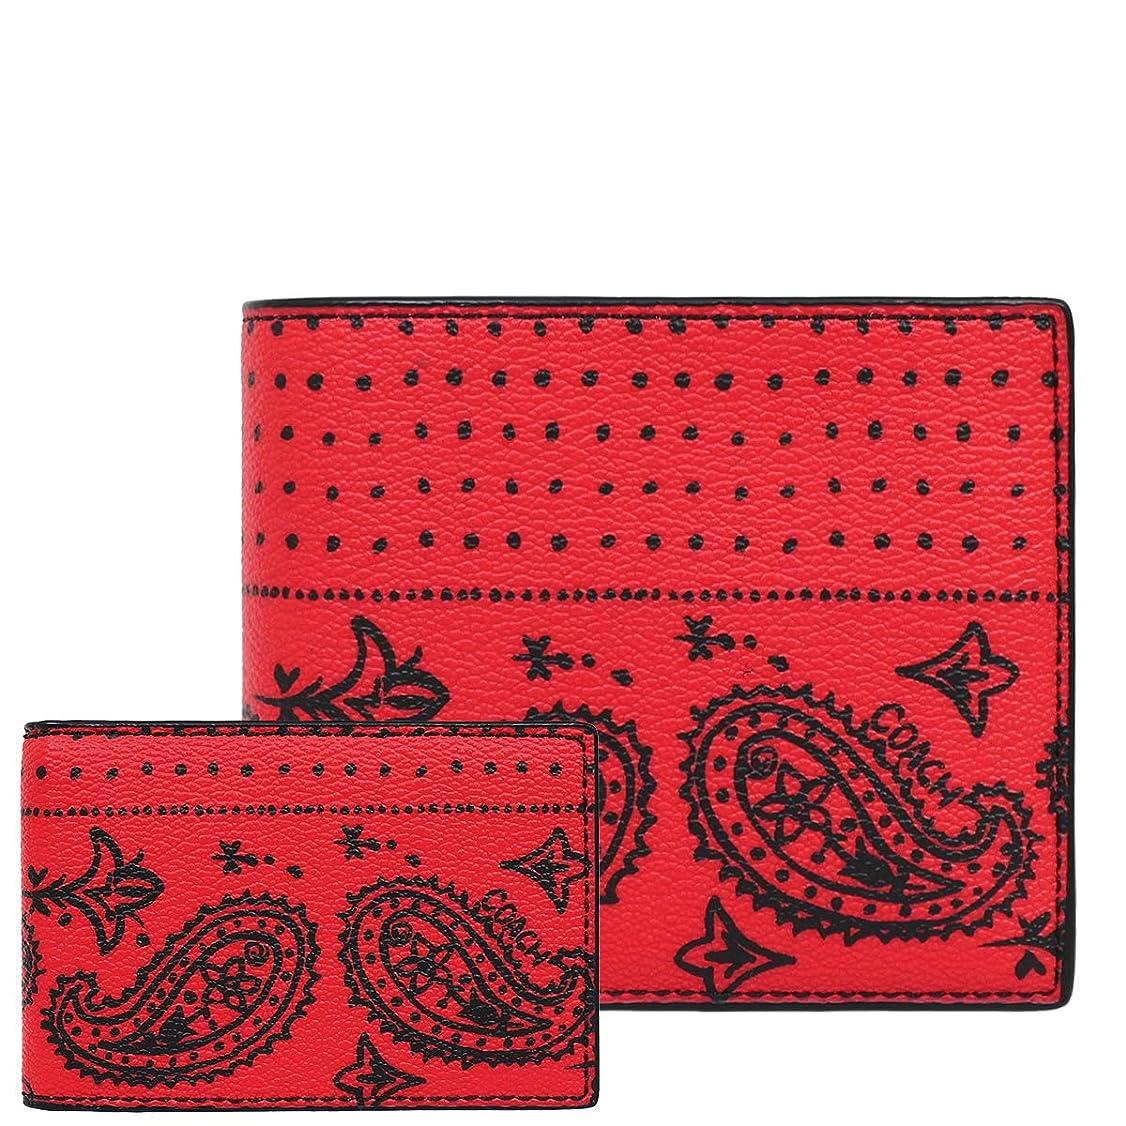 ページ複雑かわいらしい[コーチ] COACH 財布 (二つ折り財布) F57653 レッド×ブラックバンダナ LLR レザー メンズ レディース [アウトレット品] [並行輸入品]